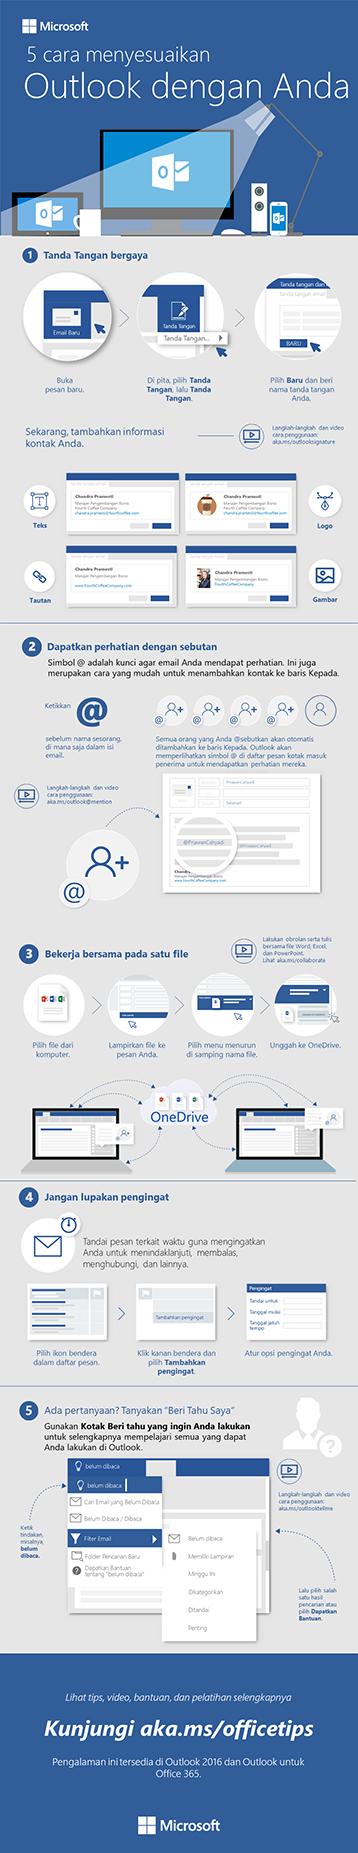 5 langkah untuk email yang tertata di Outlook 2016